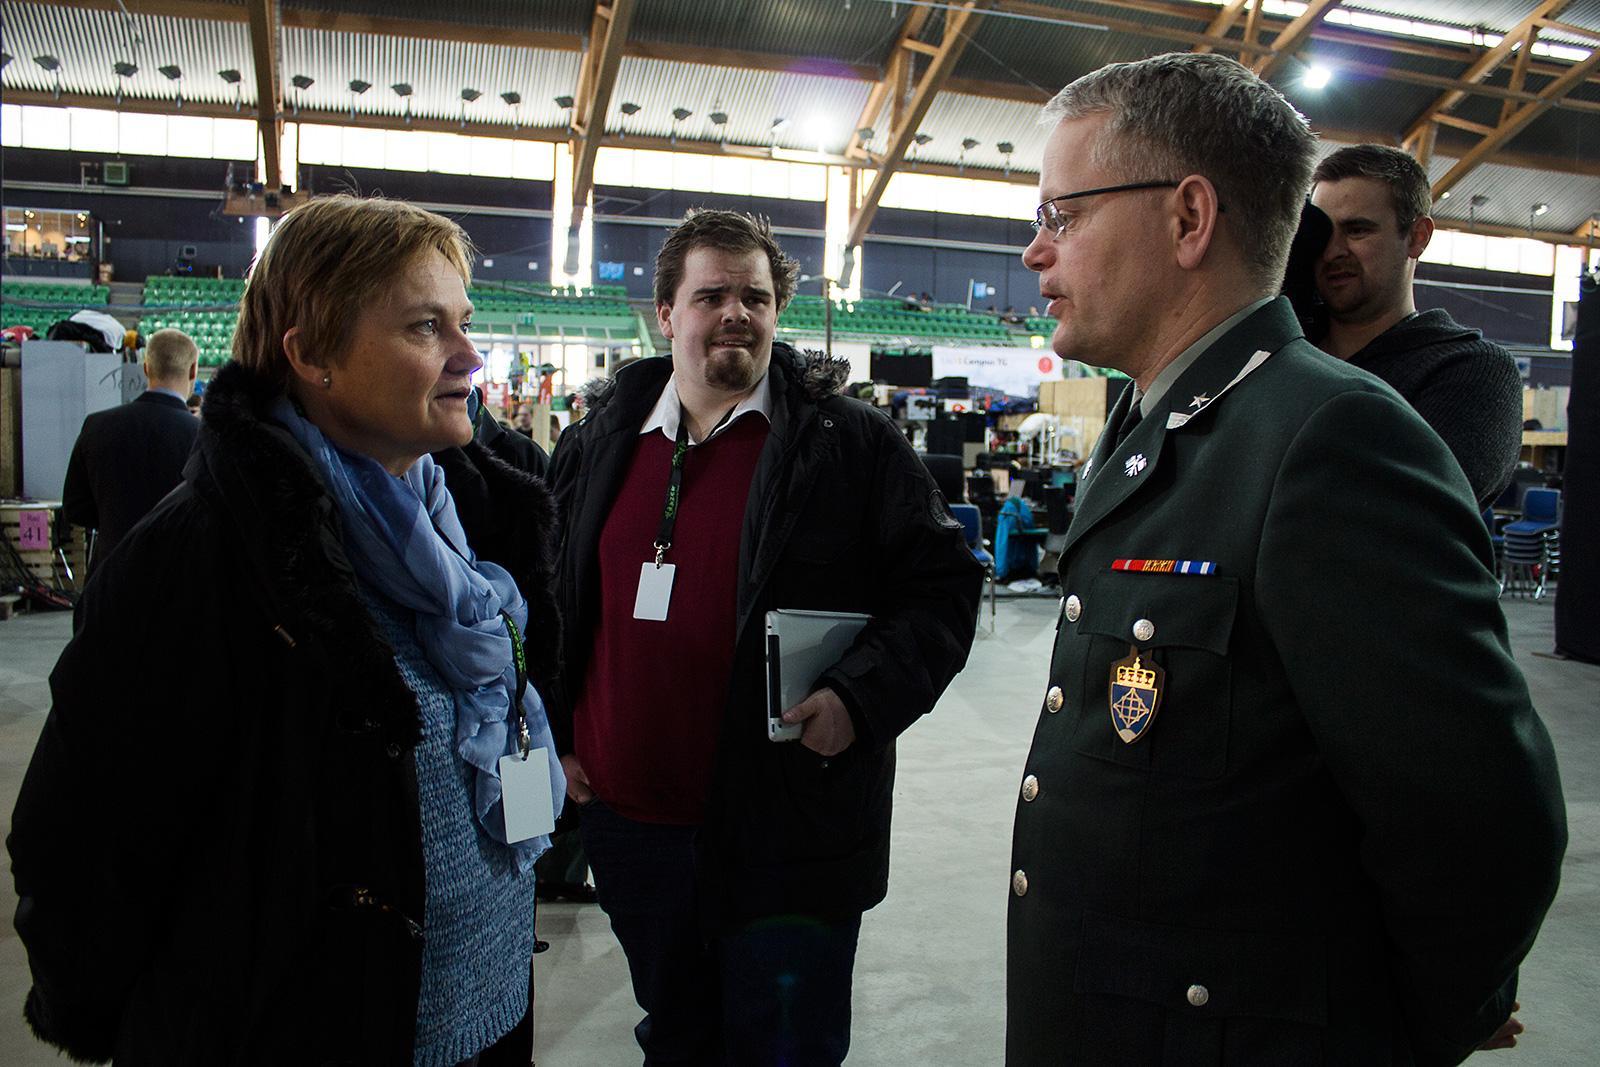 Fornyingsminister Rigmor Aasrud og major Dag E. Kjønø er enige i at The Gathering er en god rekrutteringsarena.Foto: Varg Aamo, hardware.no